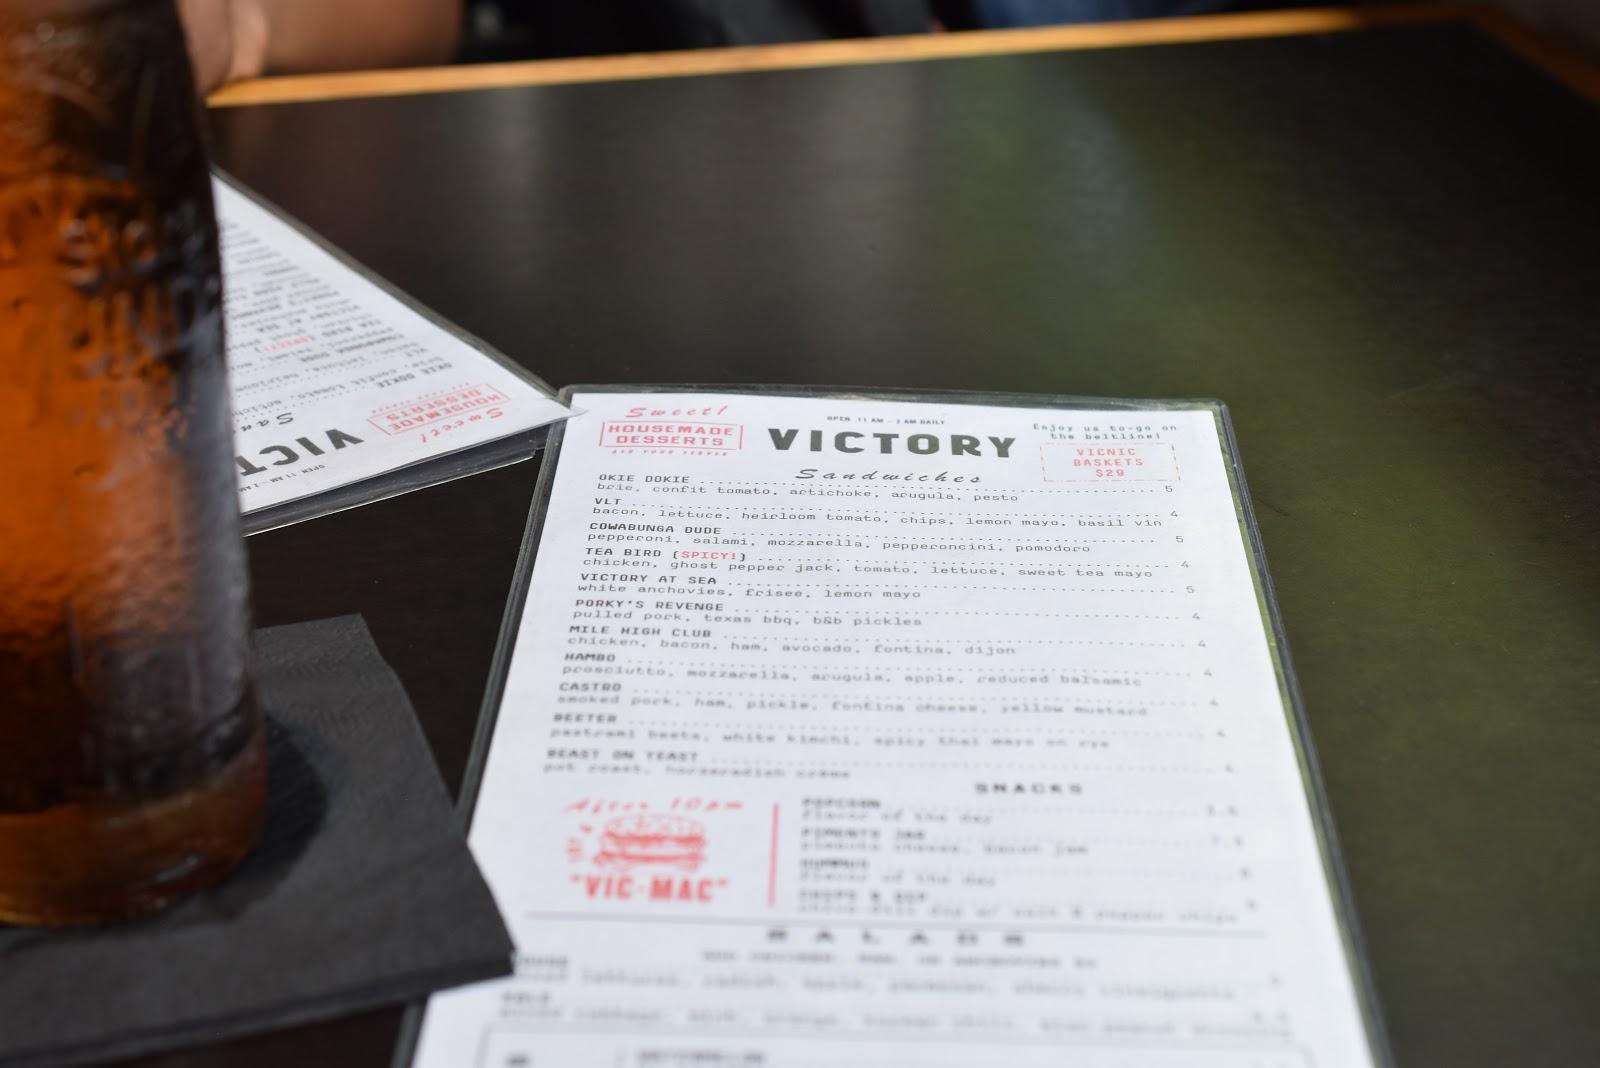 Victory Sandwich Bar at Inman Park Atlanta